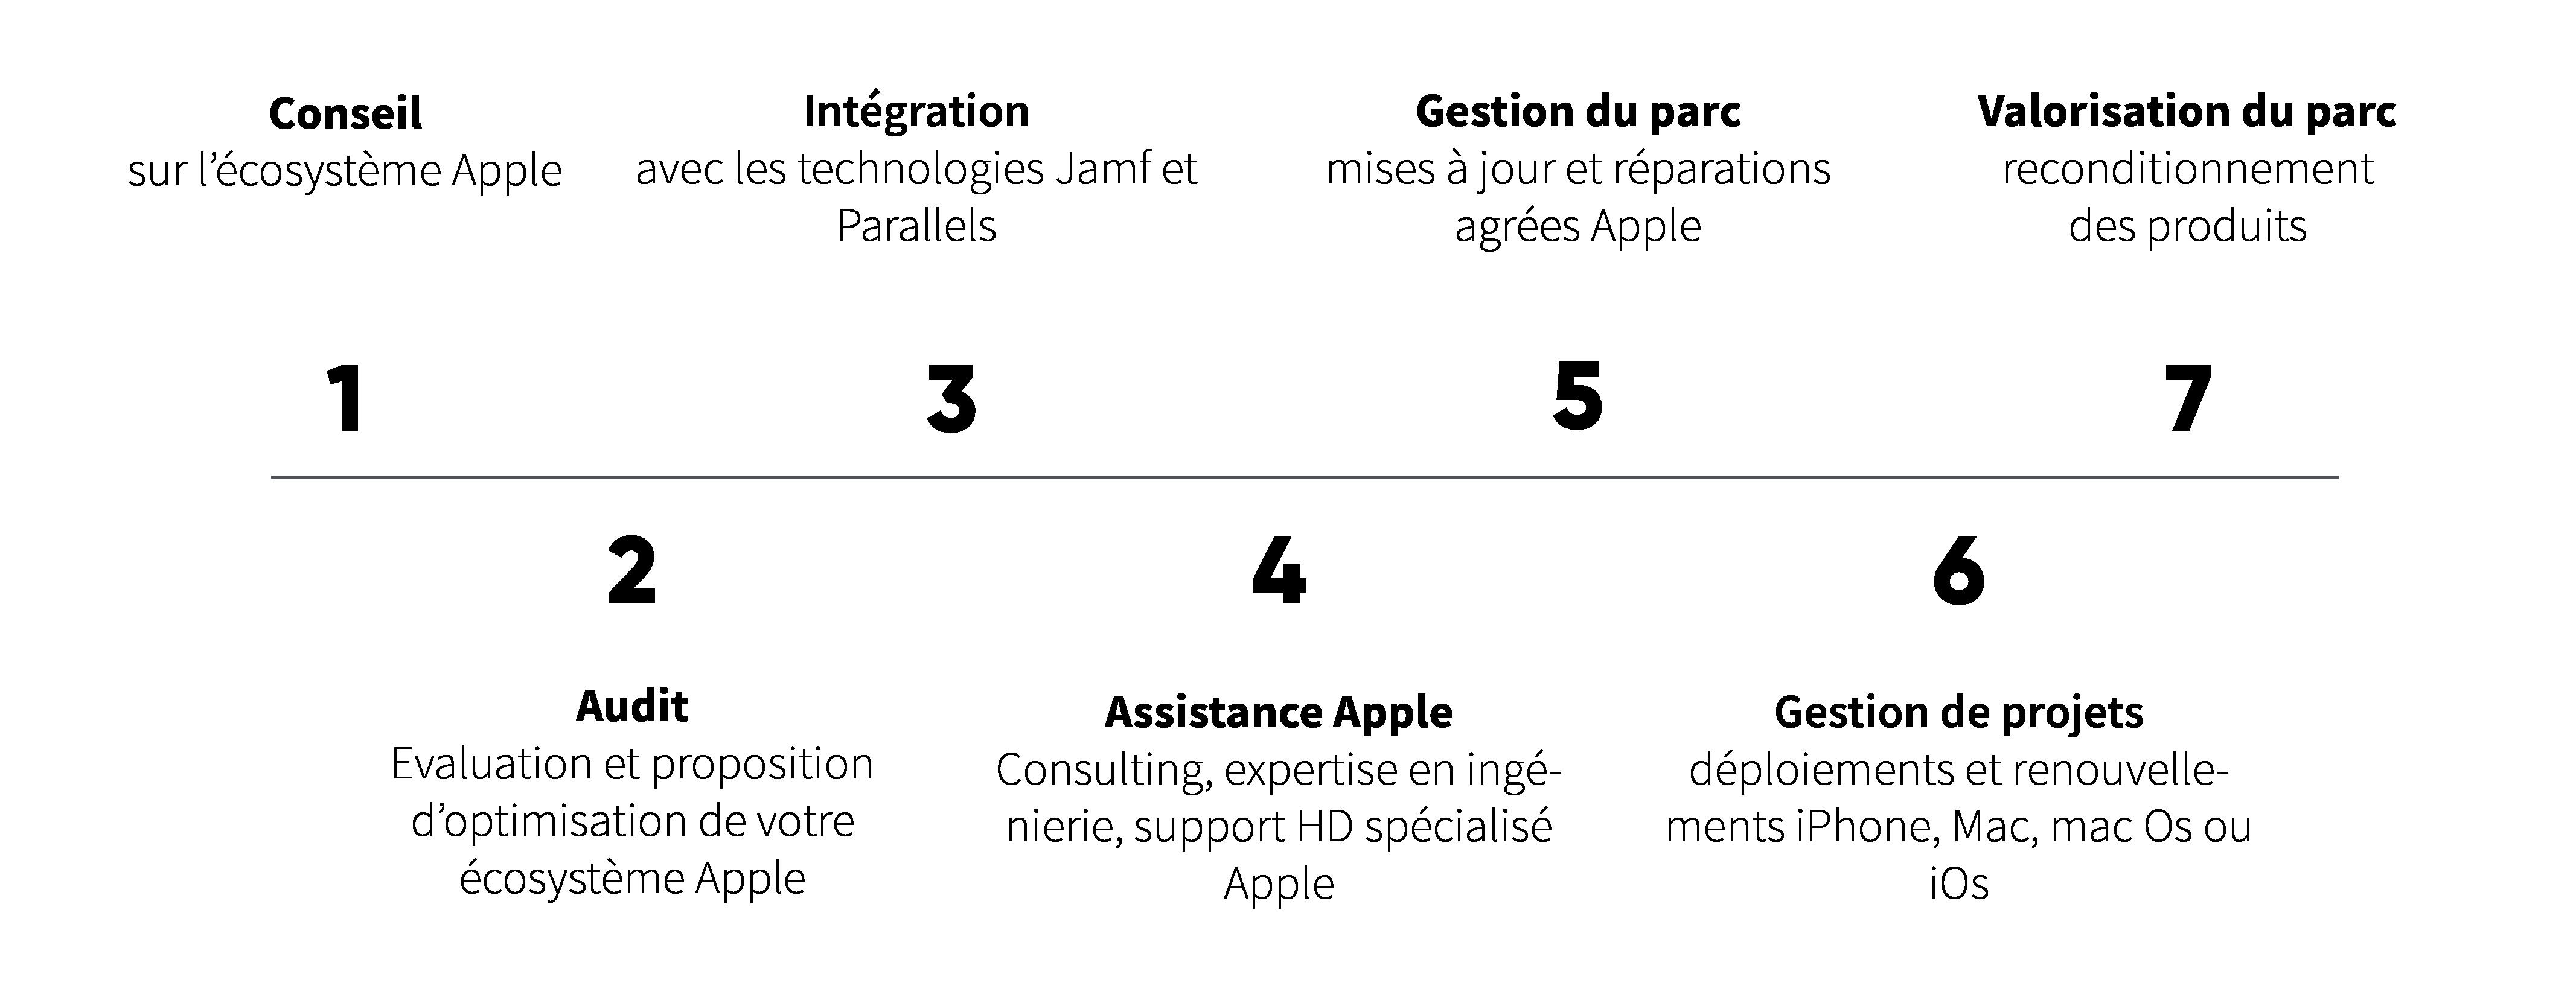 Conseil, audit, intégration, assistance apple, gestion du parc, gestion de projet